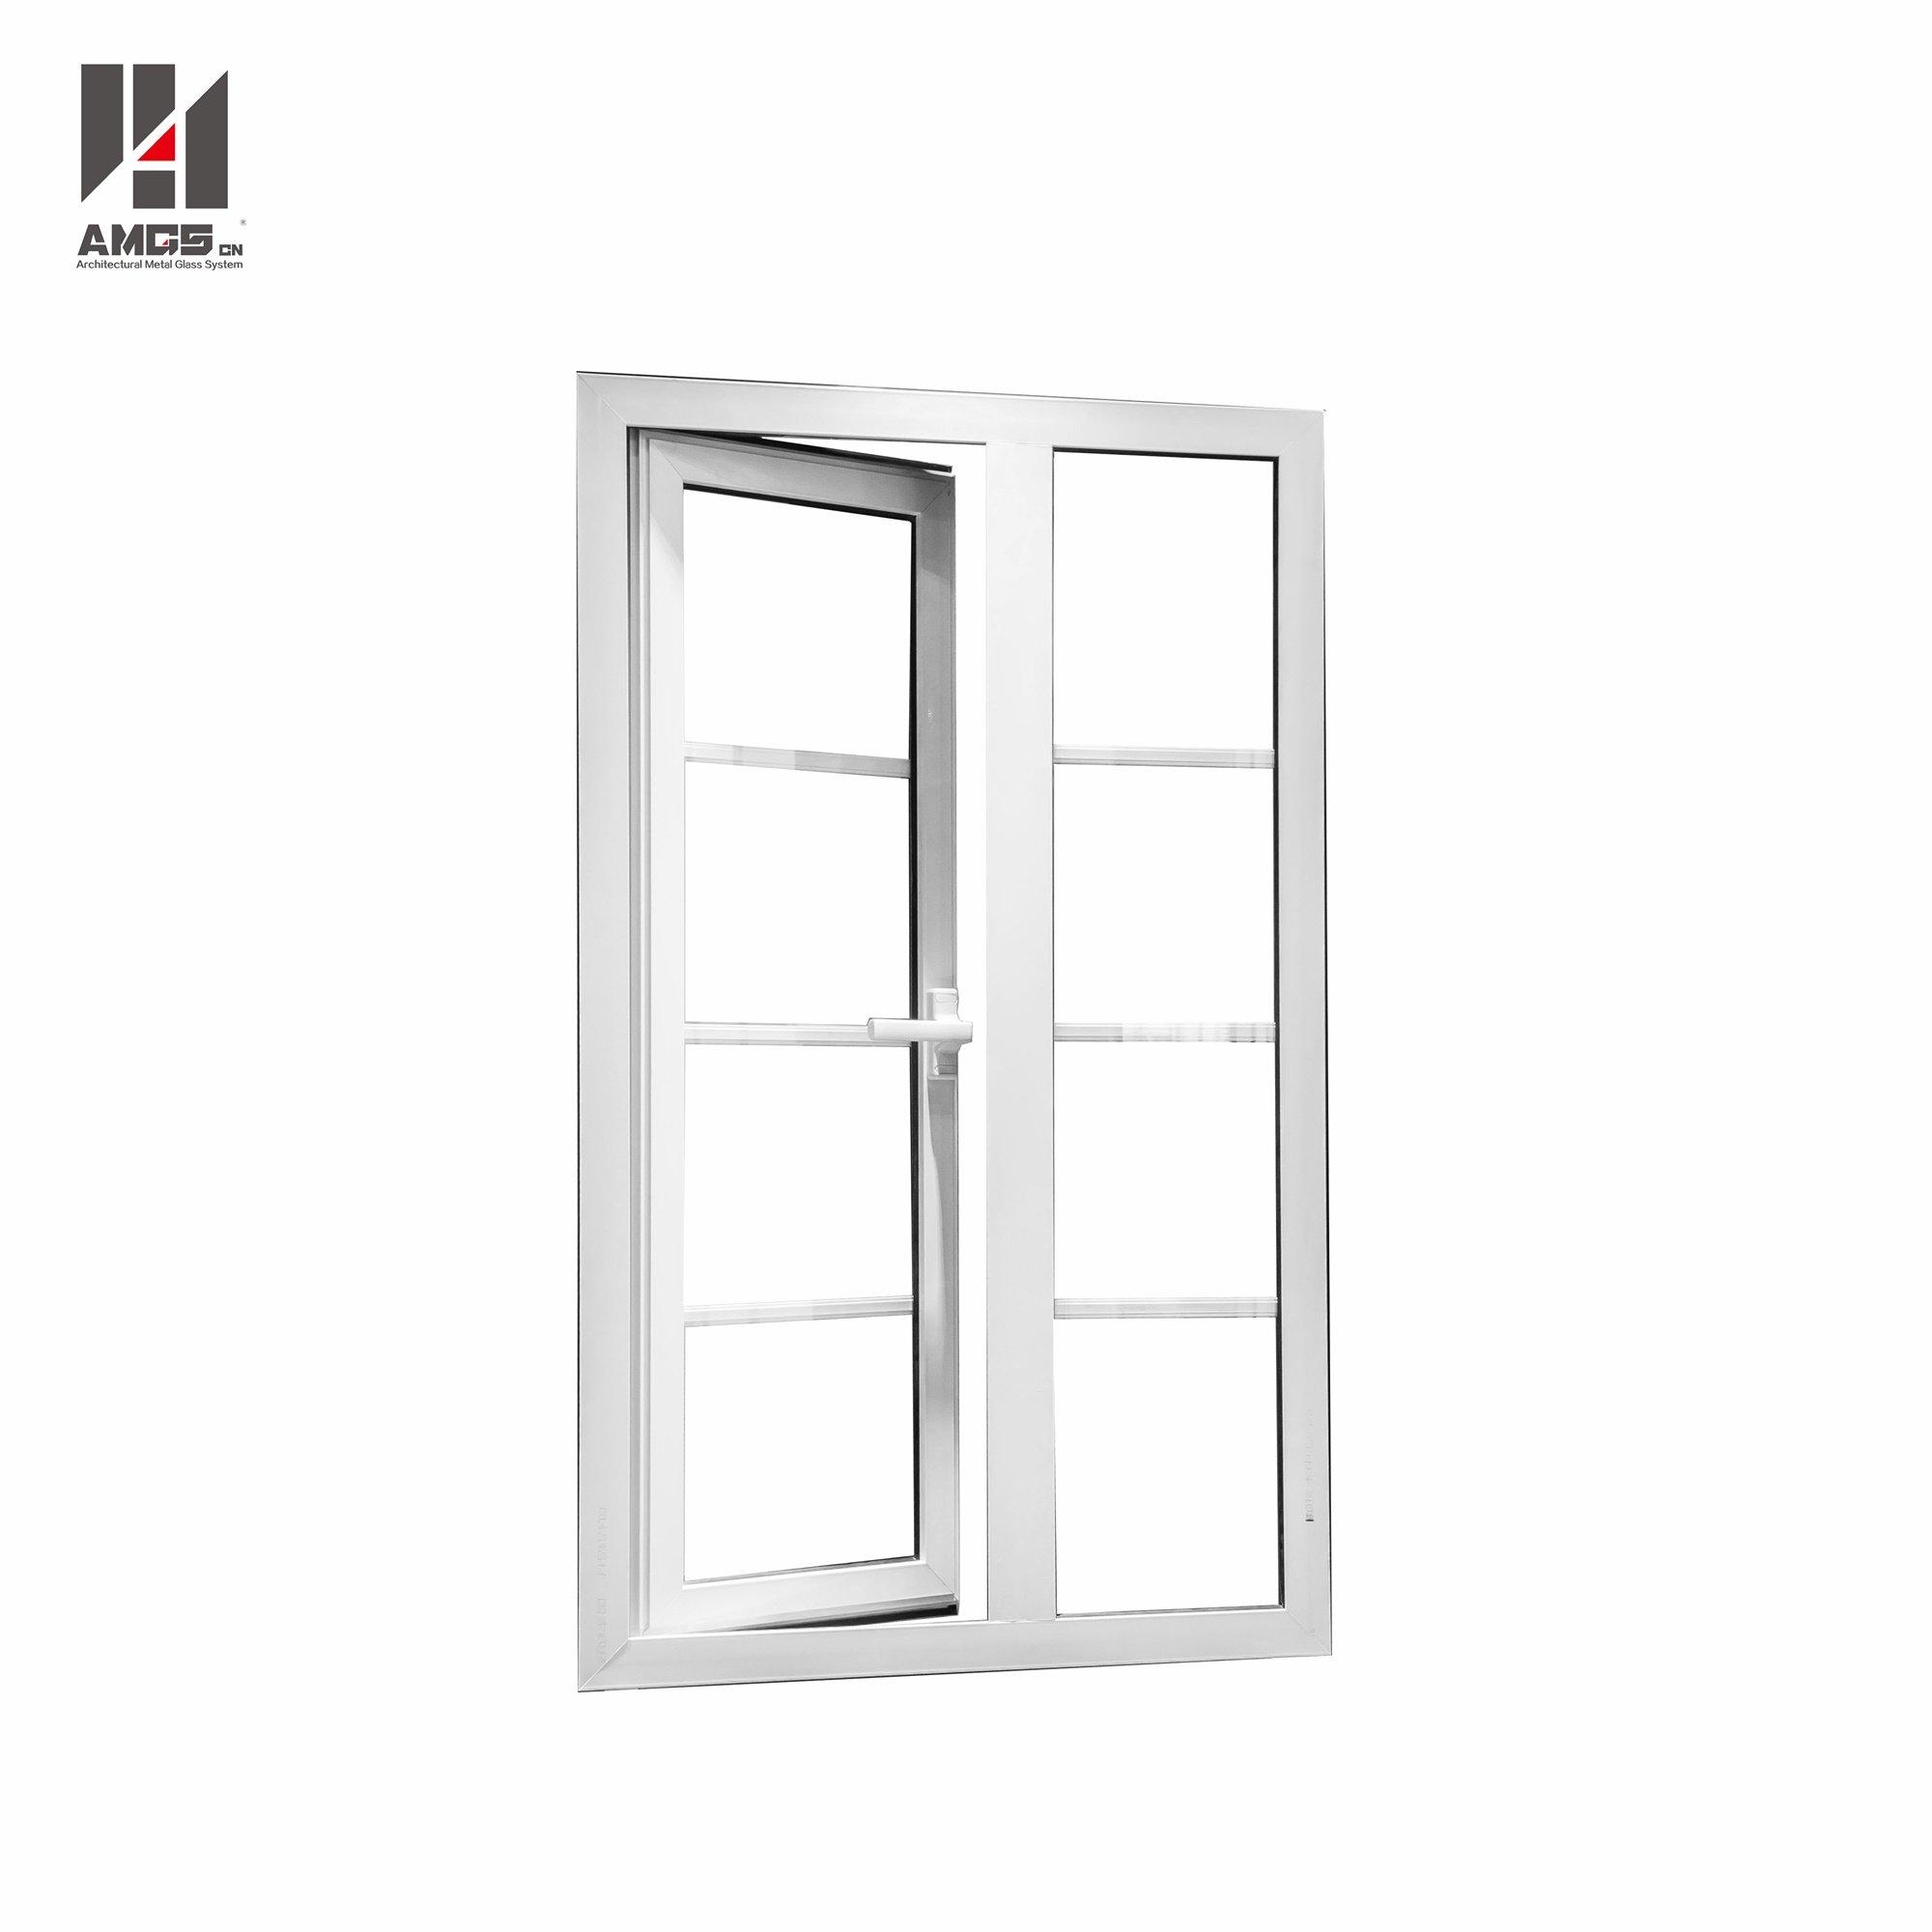 White Aluminum Casement Doors Windows With Grill Design